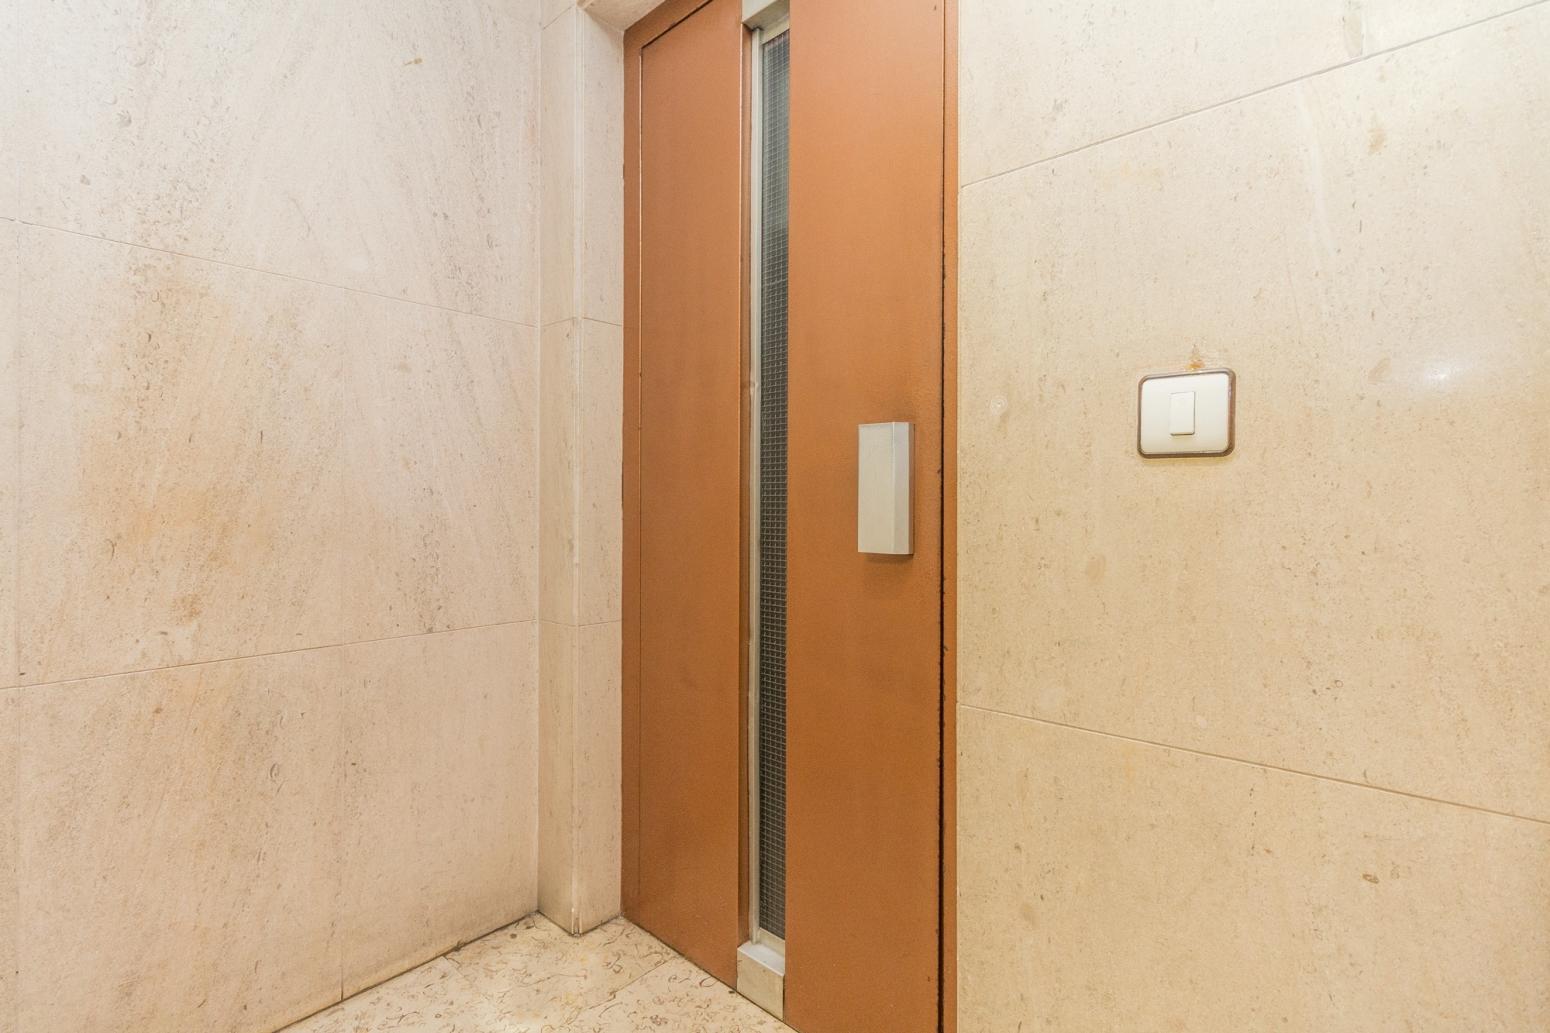 Detalle ascensor.